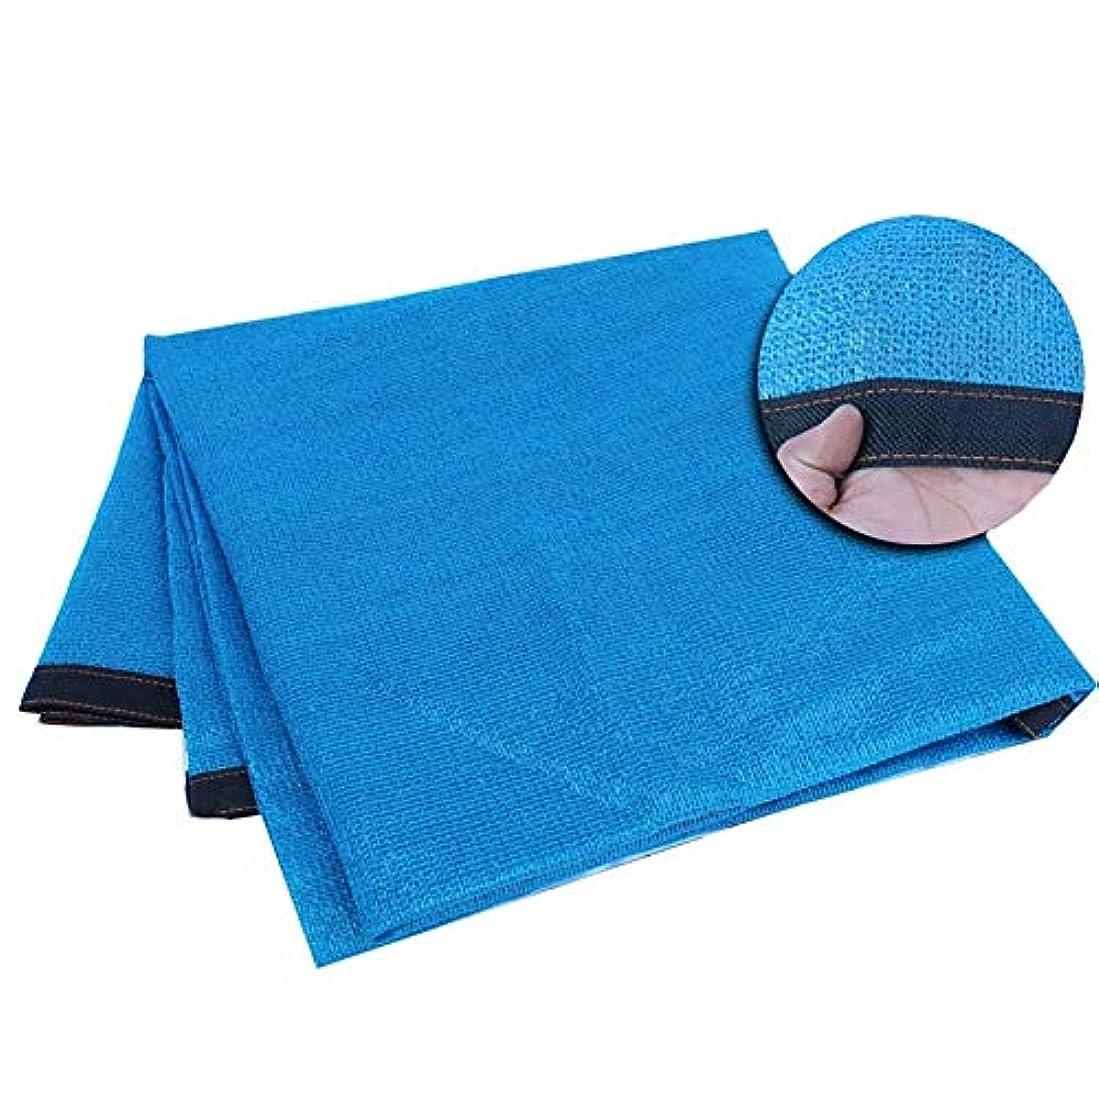 ディスク電極乳白グロメット付き日よけ布、90%日焼け止めUV耐性日よけシェードセイル用ガーデン、フラワー、植物、温室、納屋 ZHAOFENGMING (色 : 青, サイズ さいず : 4x6M)